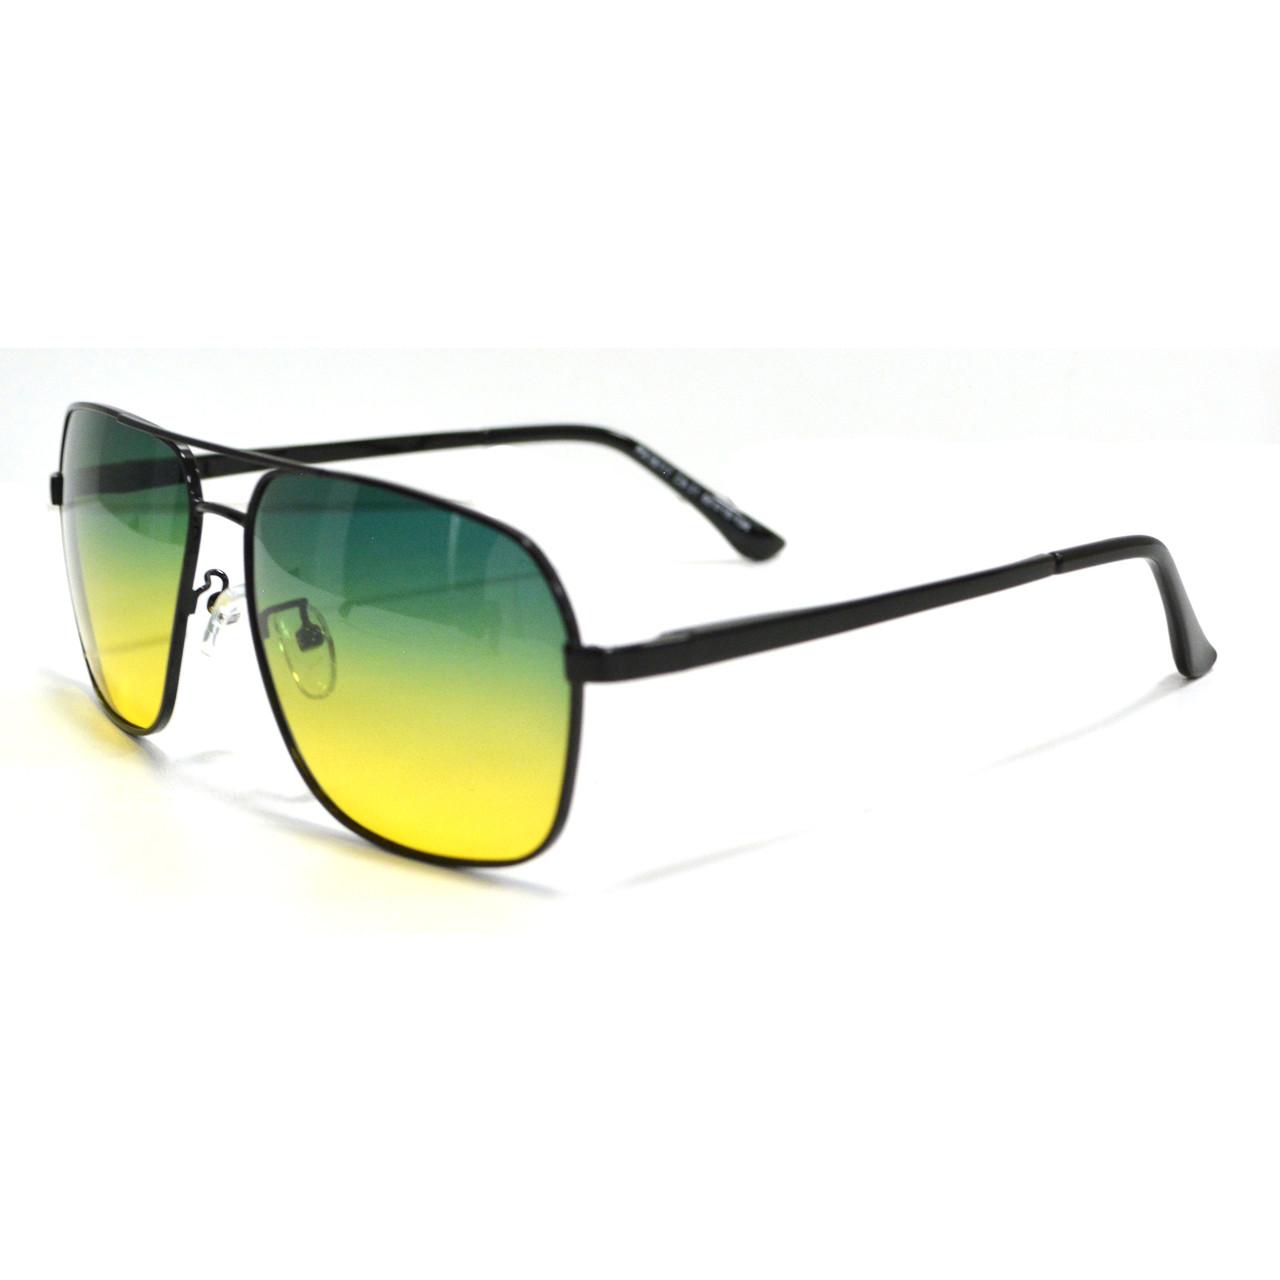 Солнцезащитные поляризационные очки ПОЛАРОИД UV400 тонкая сдвоенная оправа желто зеленые стекла АВТО PX16117 - фото 4